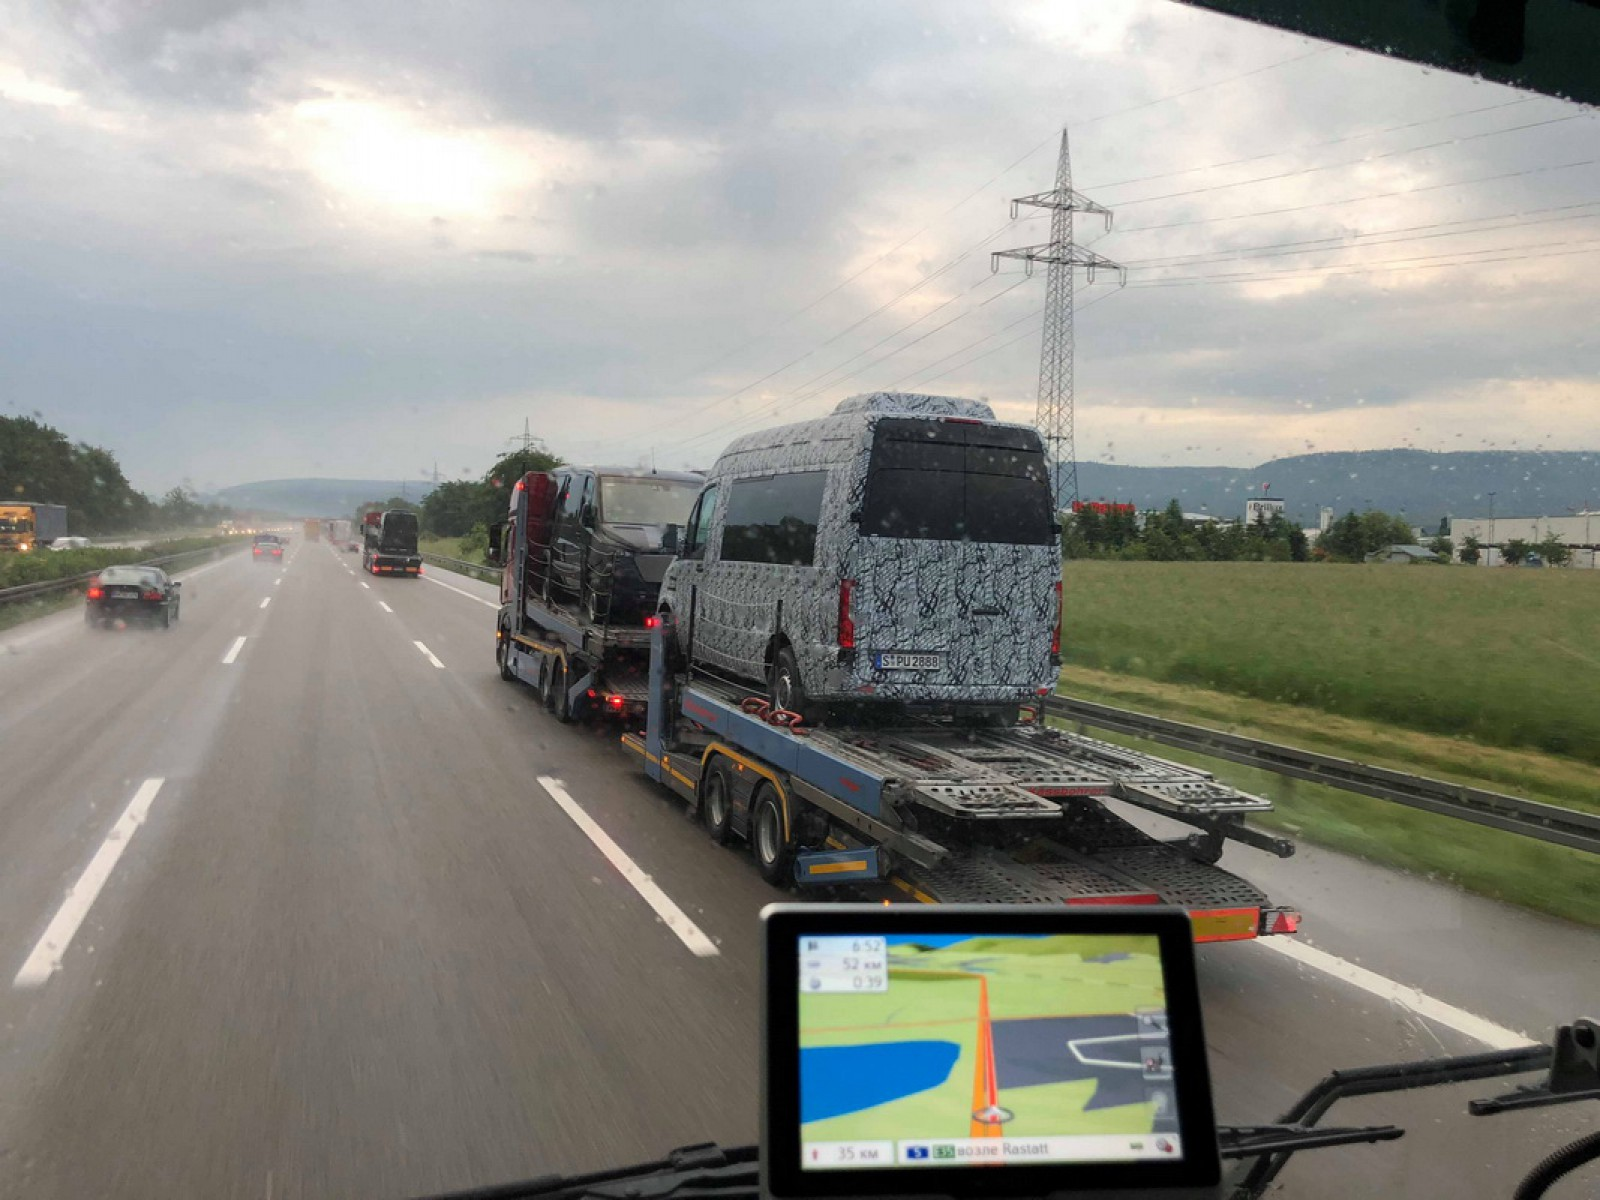 (foto) Comandă specială? Un moldovean a surprins pe o autostradă trei exemplare ale noului Sprinter